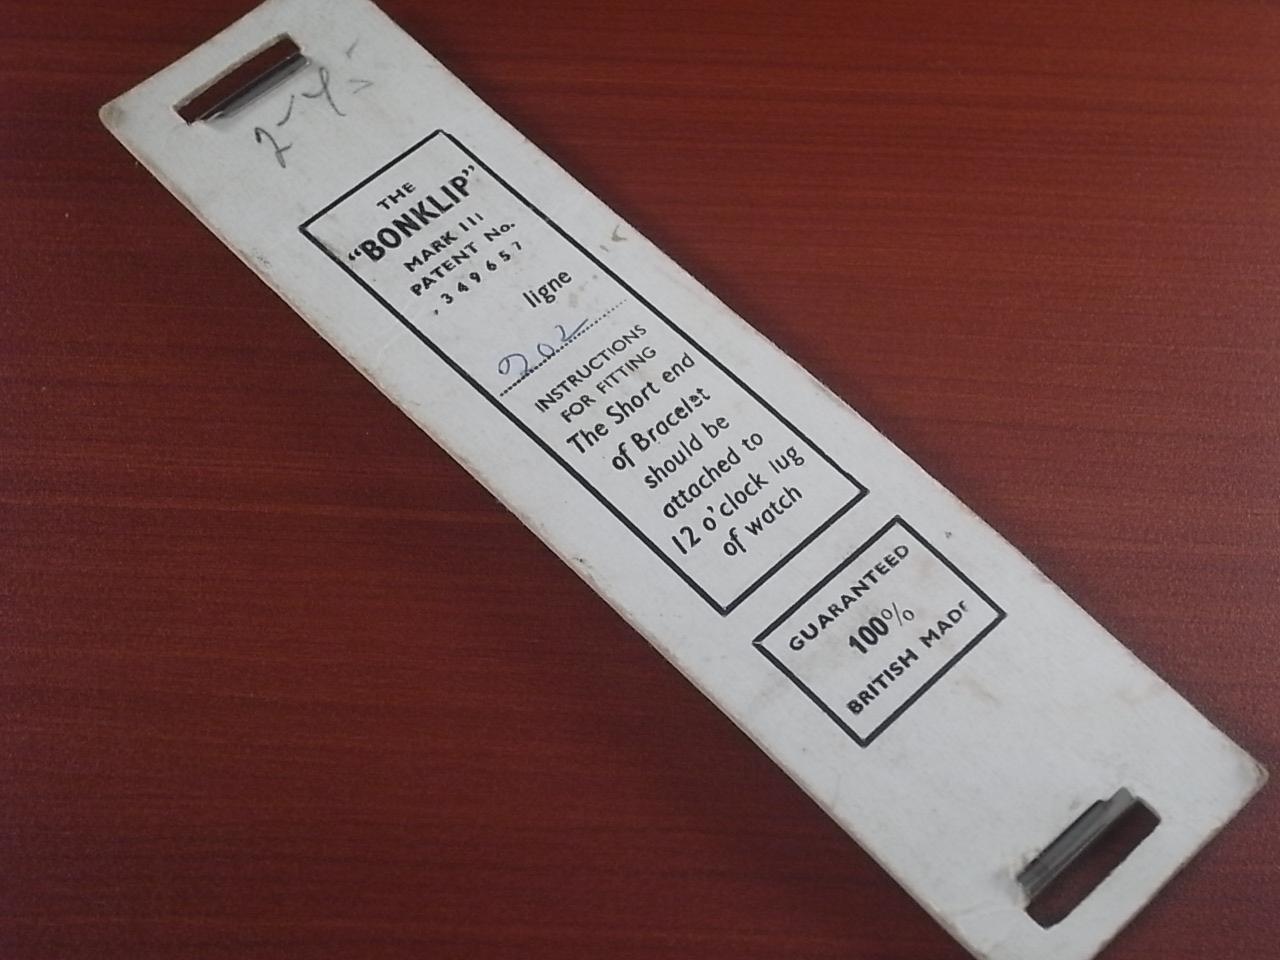 ボンクリップ バンブーブレス 筆記体ロゴ 未使用 N.O.S. 13mmタイプ 16mmの写真6枚目